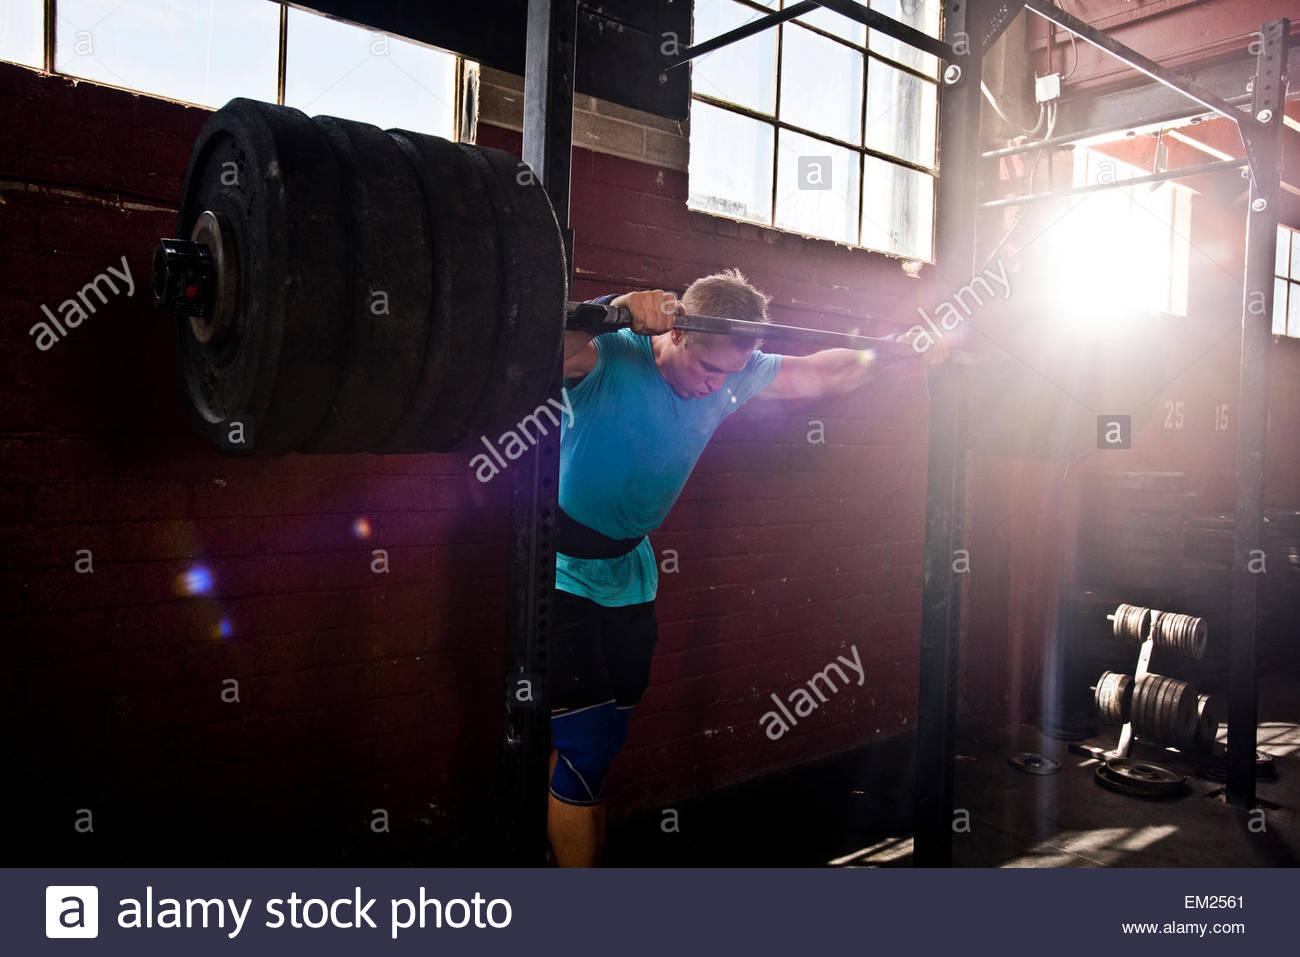 Un athlète crossfit se prépare à l'accroupissement. Photo Stock